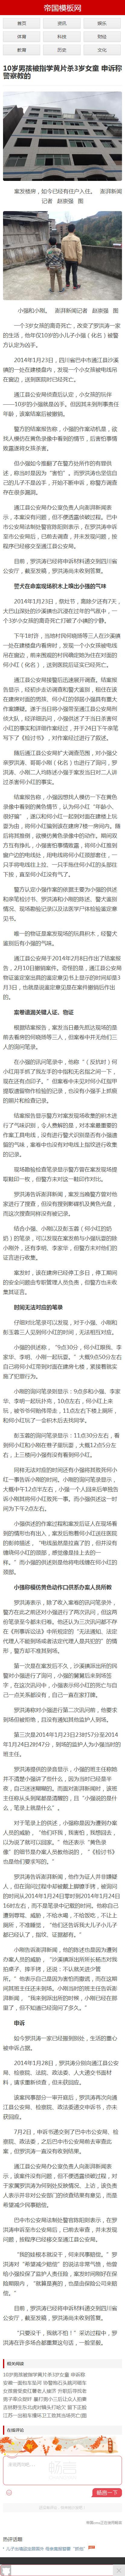 红色新闻资讯博客类之帝国cms自适应手机版模板_手机版内容页